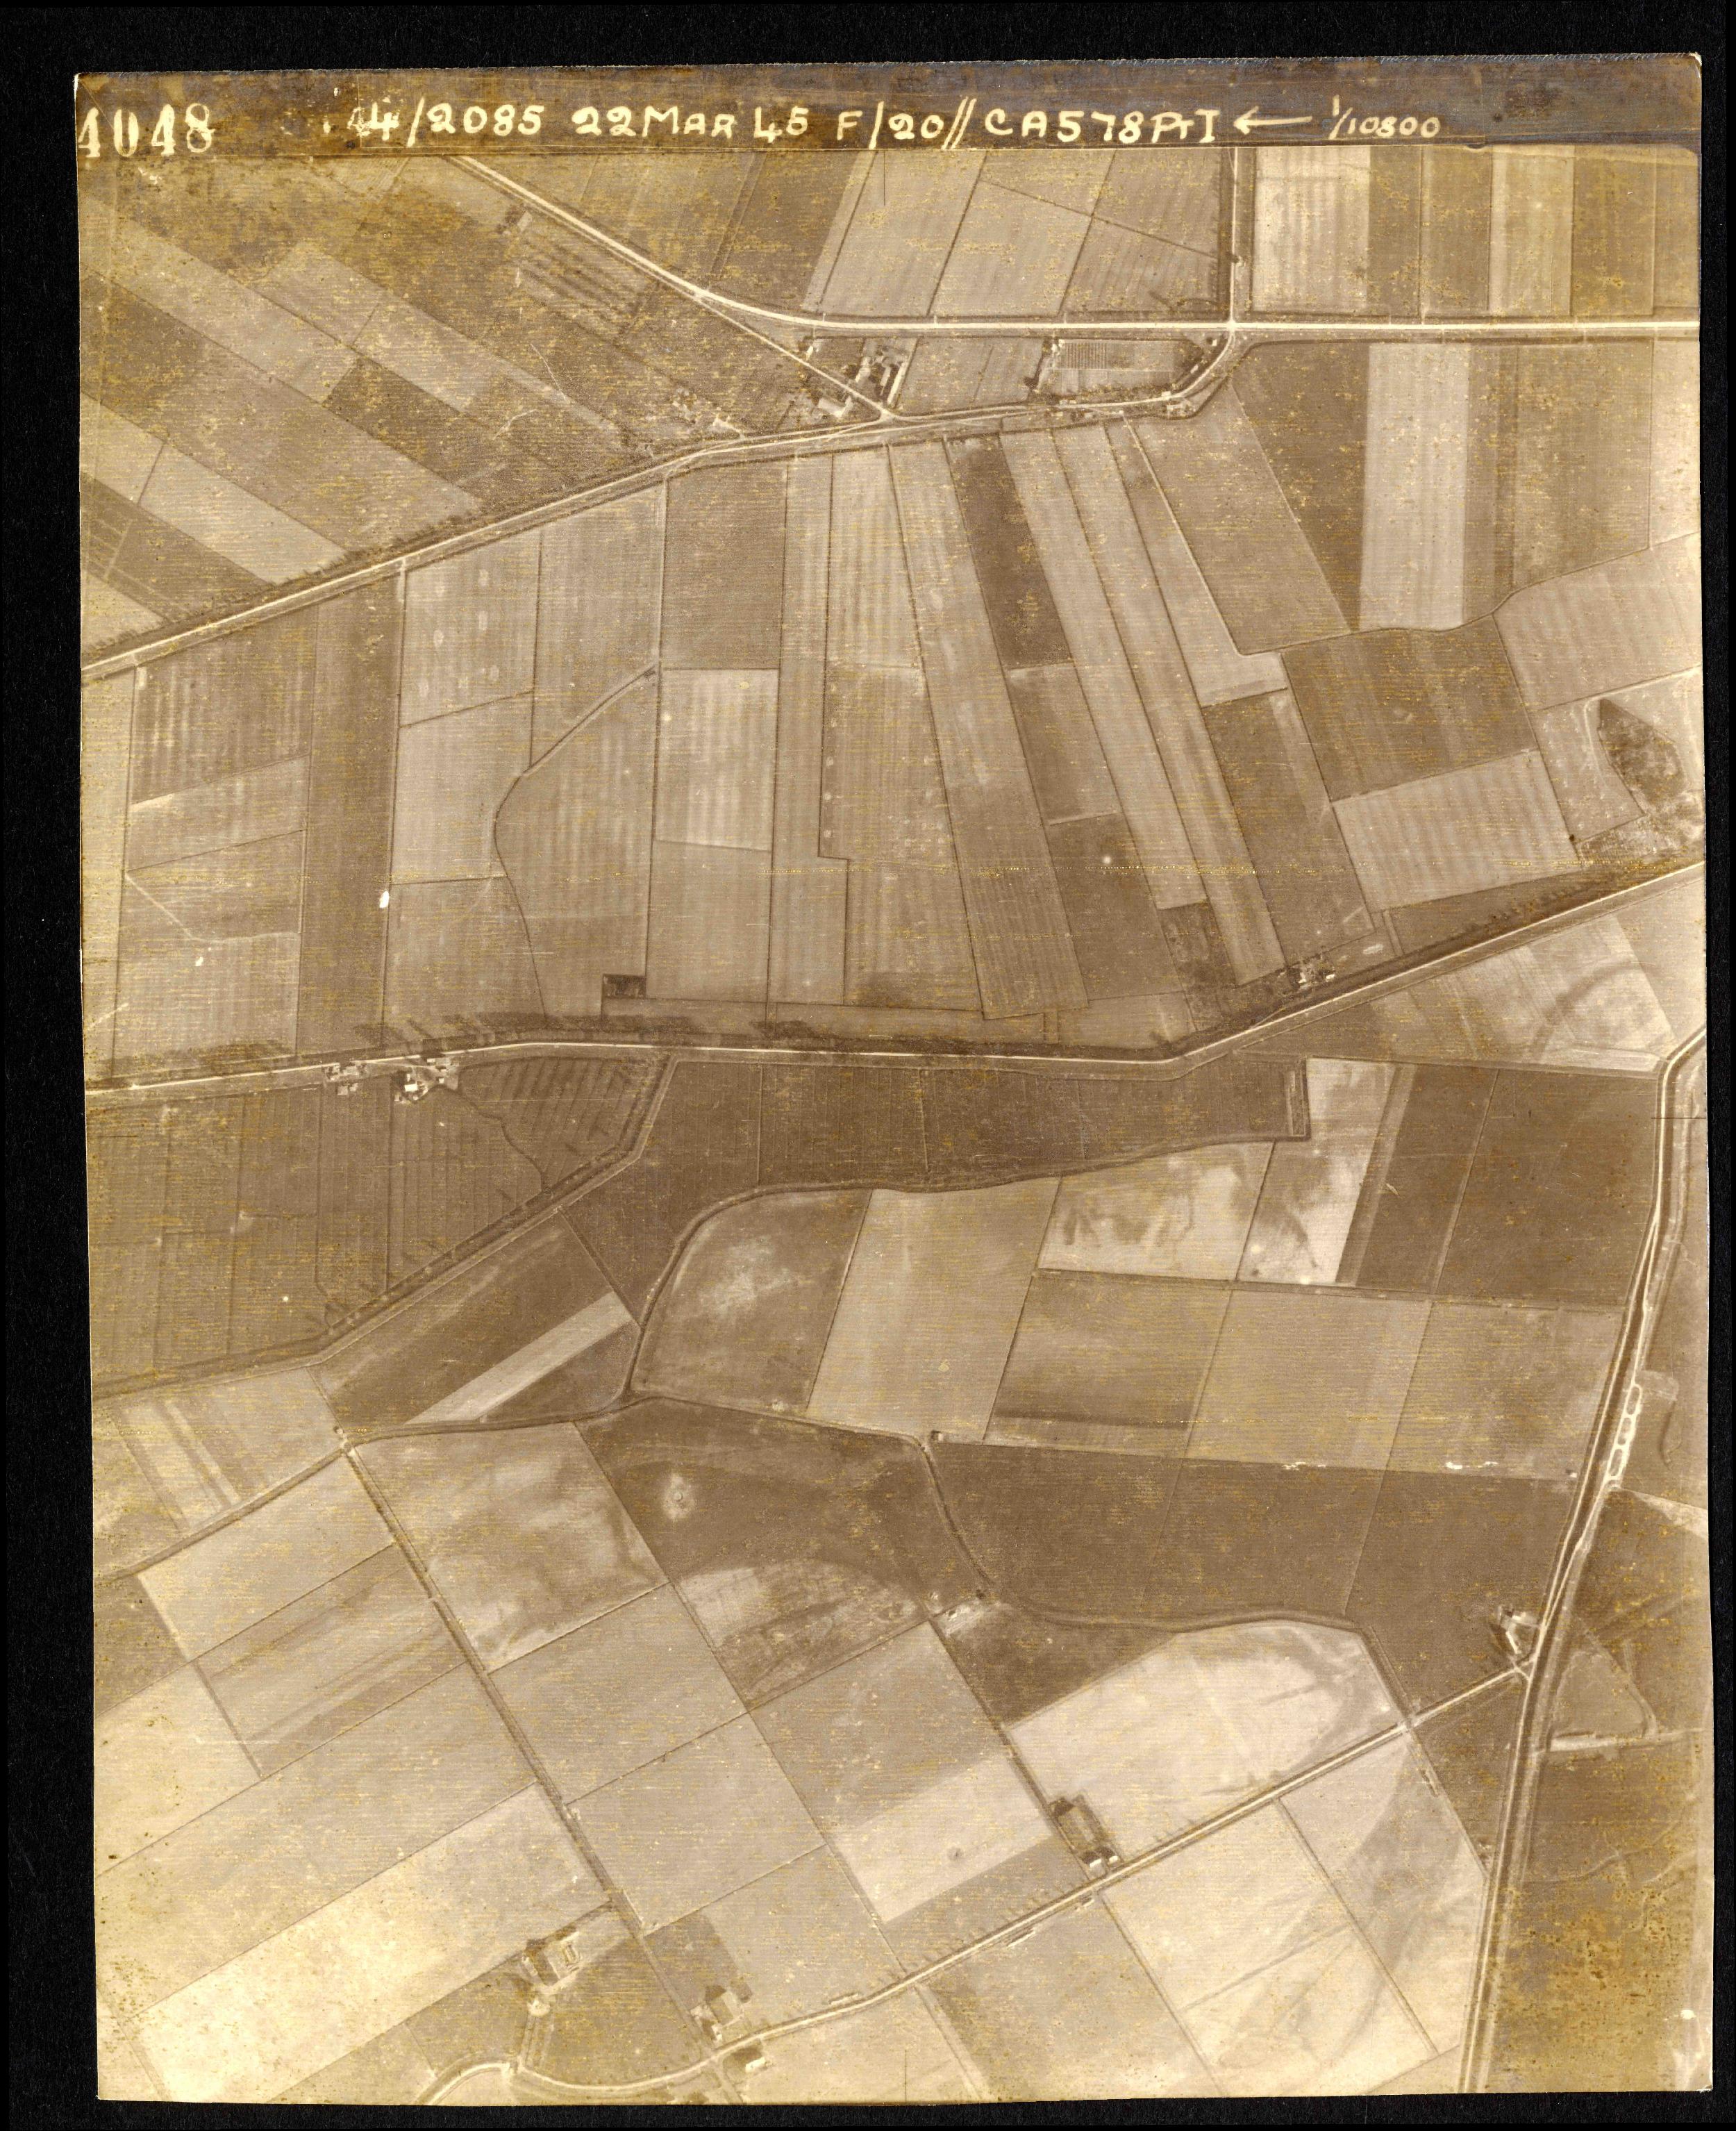 Collection RAF aerial photos 1940-1945 - flight 021, run 01, photo 4048